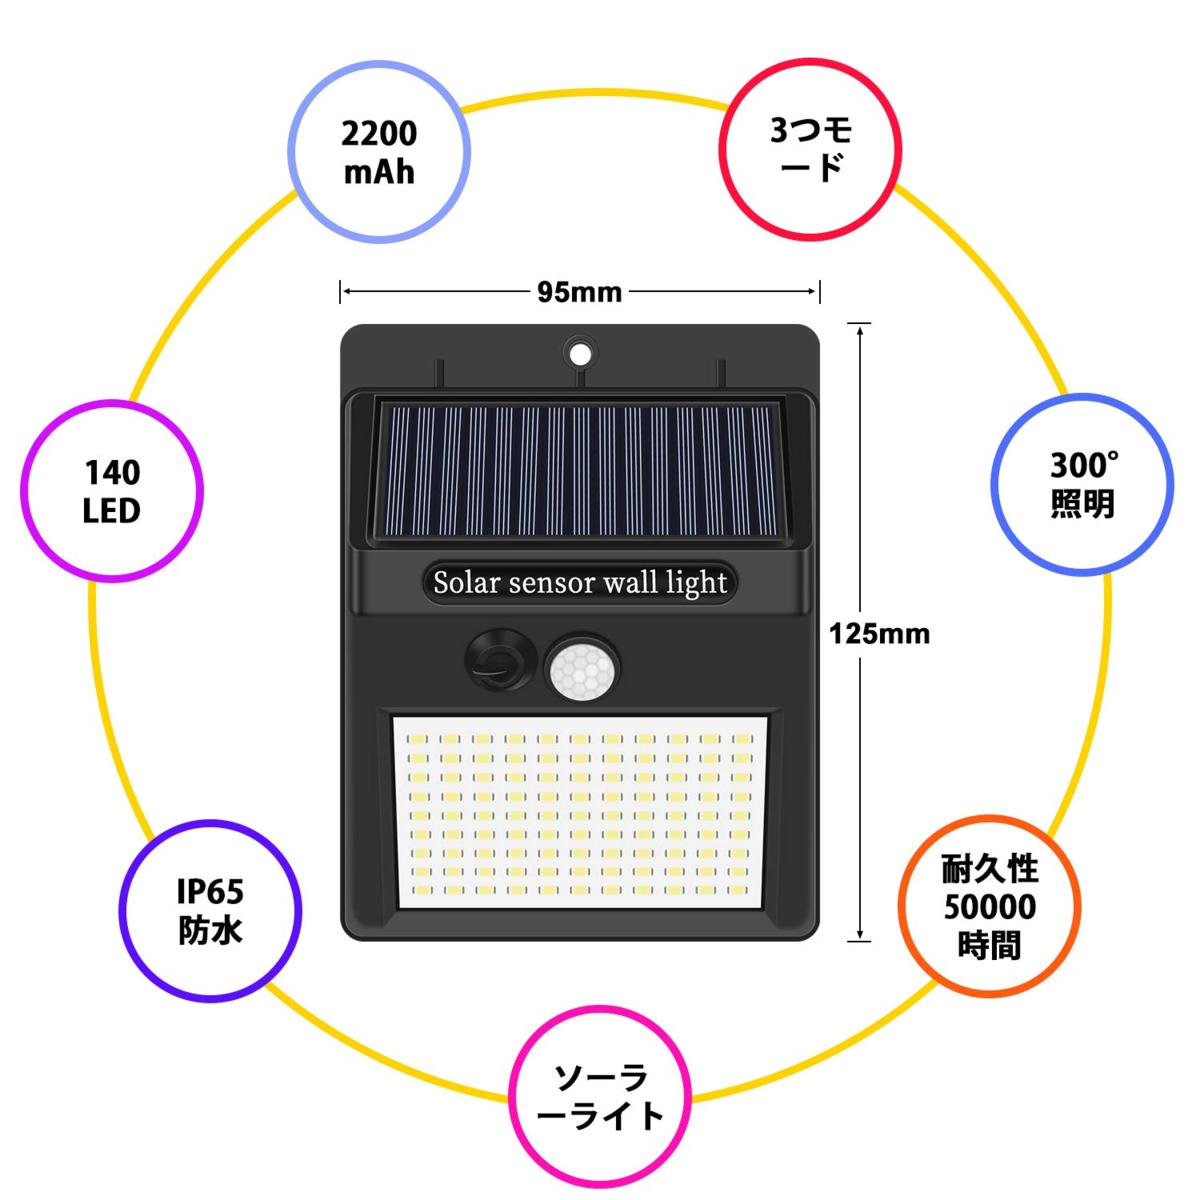 夜の防犯や安全確保にソーラー式のLEDライトはいかが?